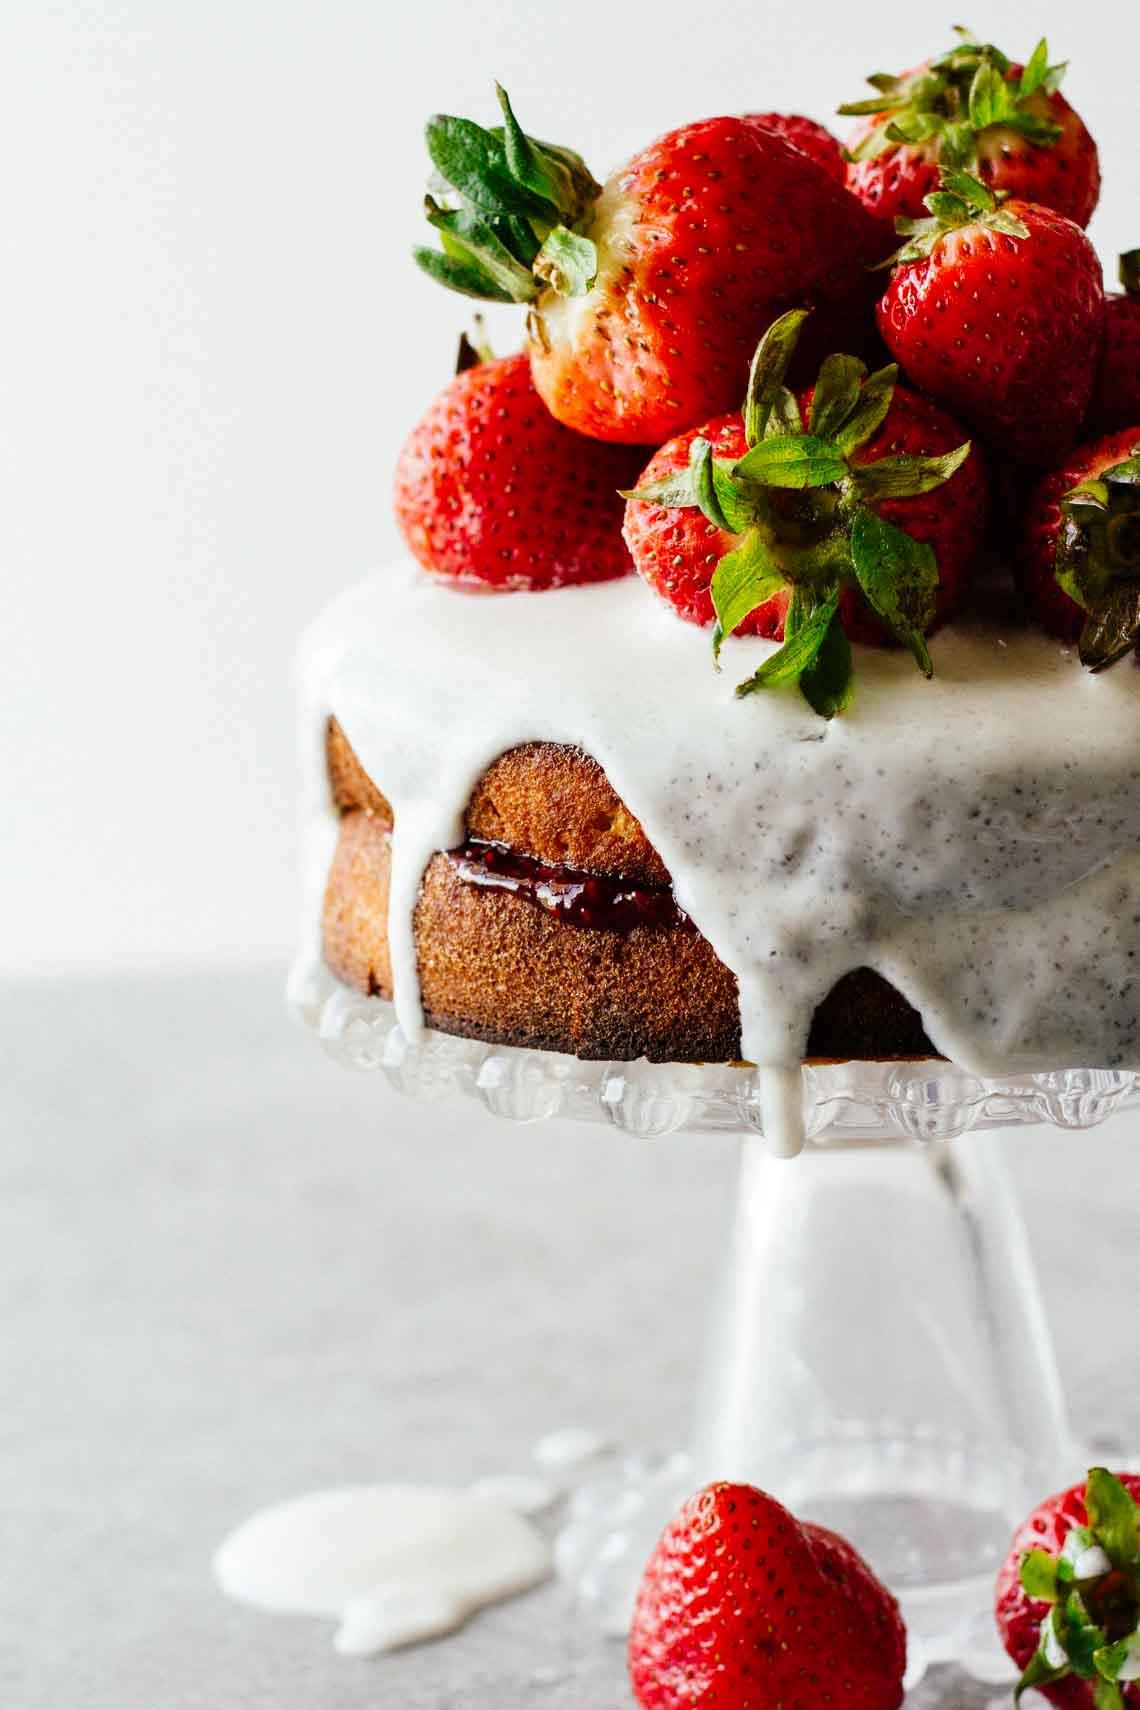 Healthy Strawberry Shortcake  Healthy Strawberry Shortcake w Sugar Free Glaze Jar